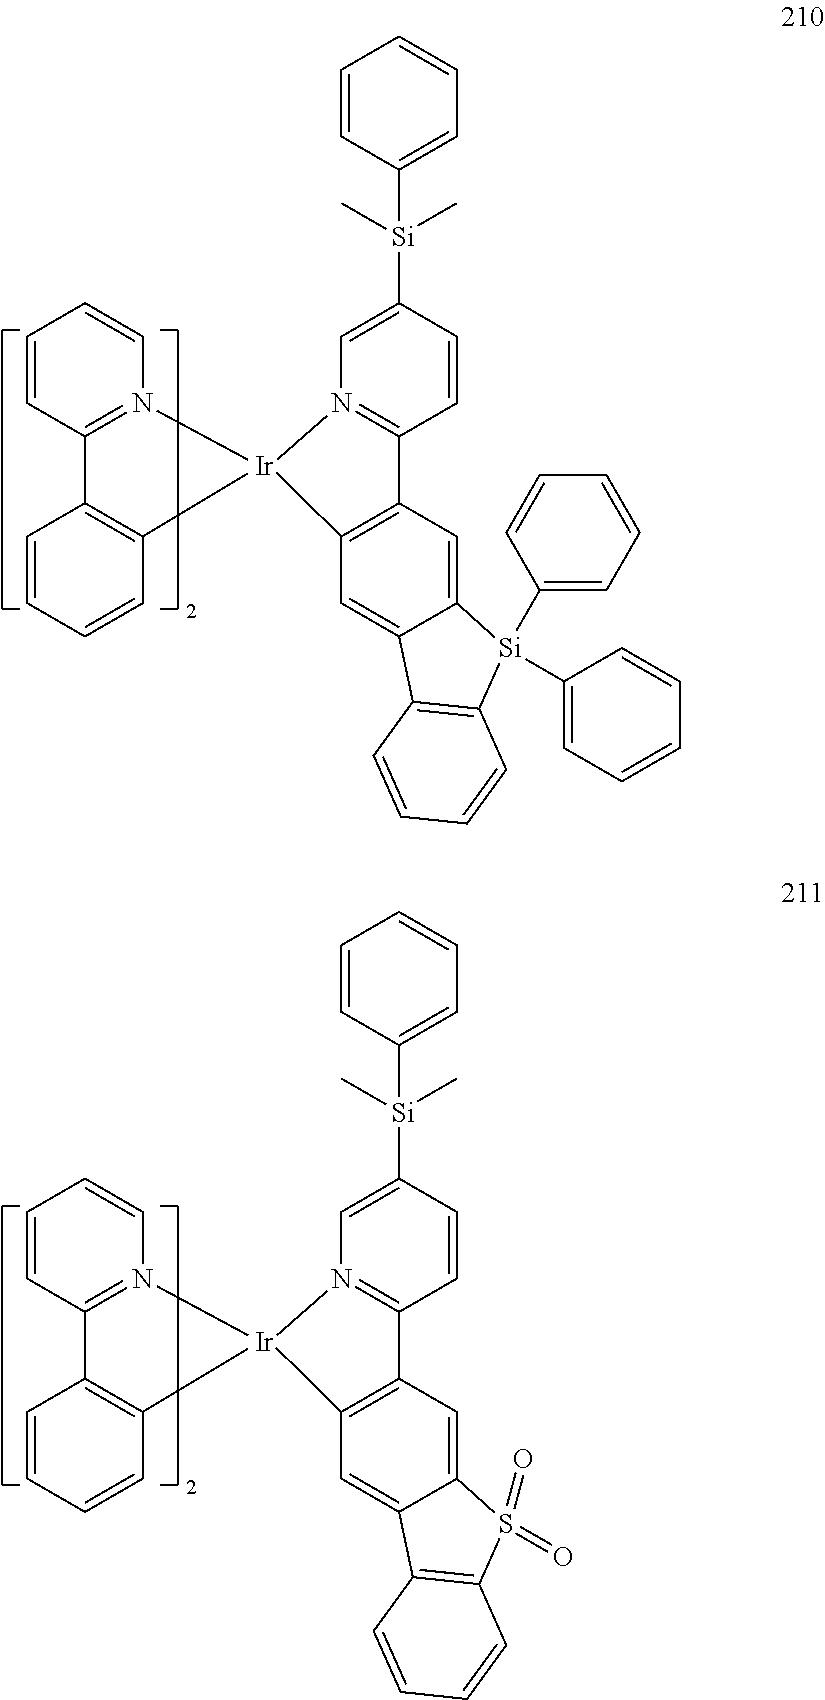 Figure US20160155962A1-20160602-C00125